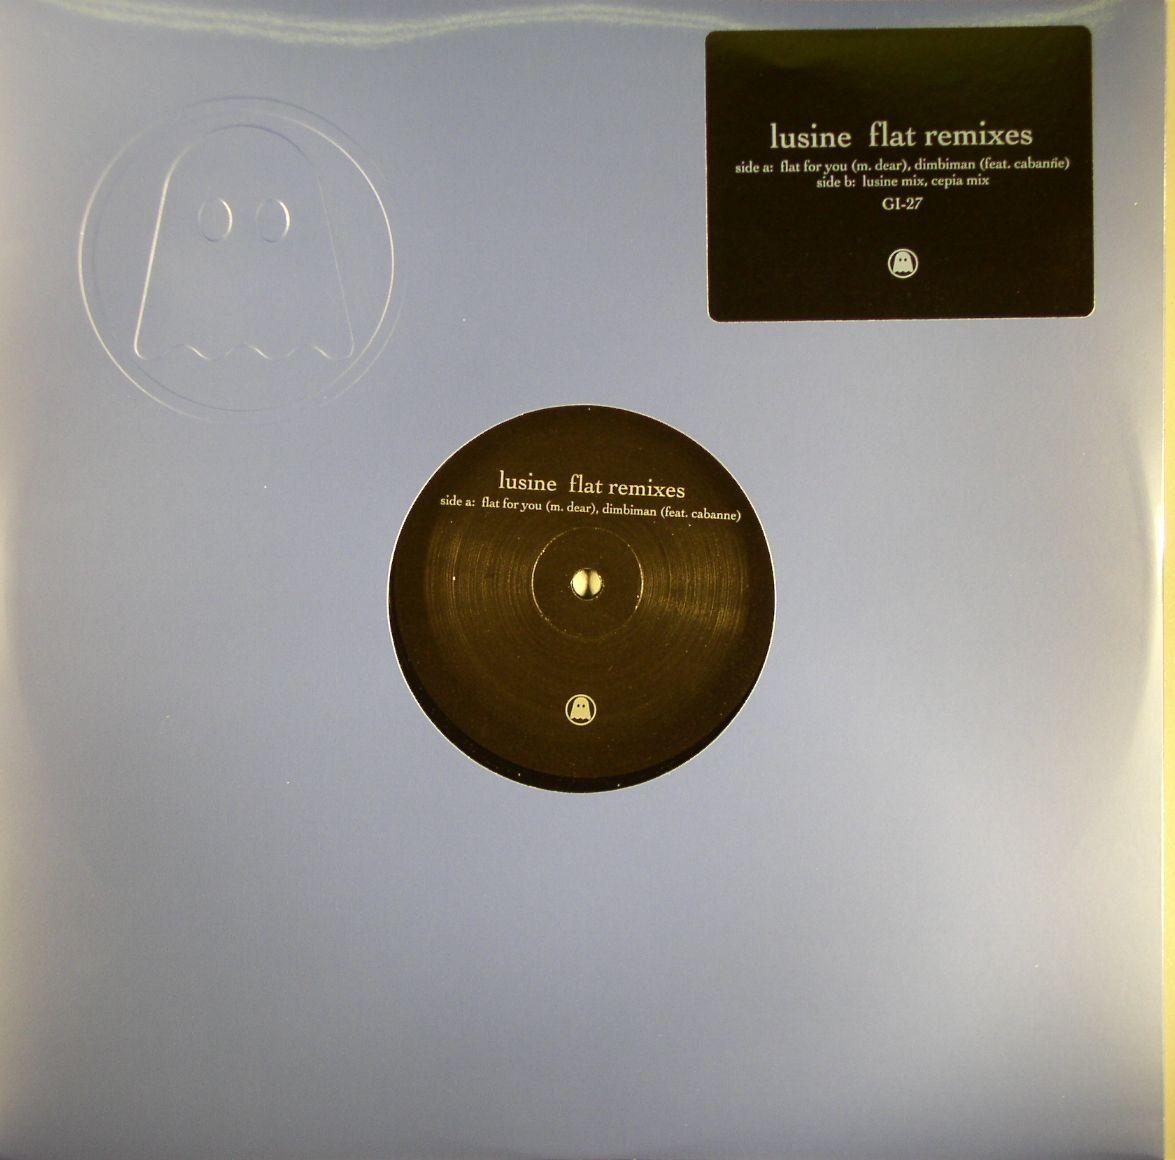 Flat (remixes)